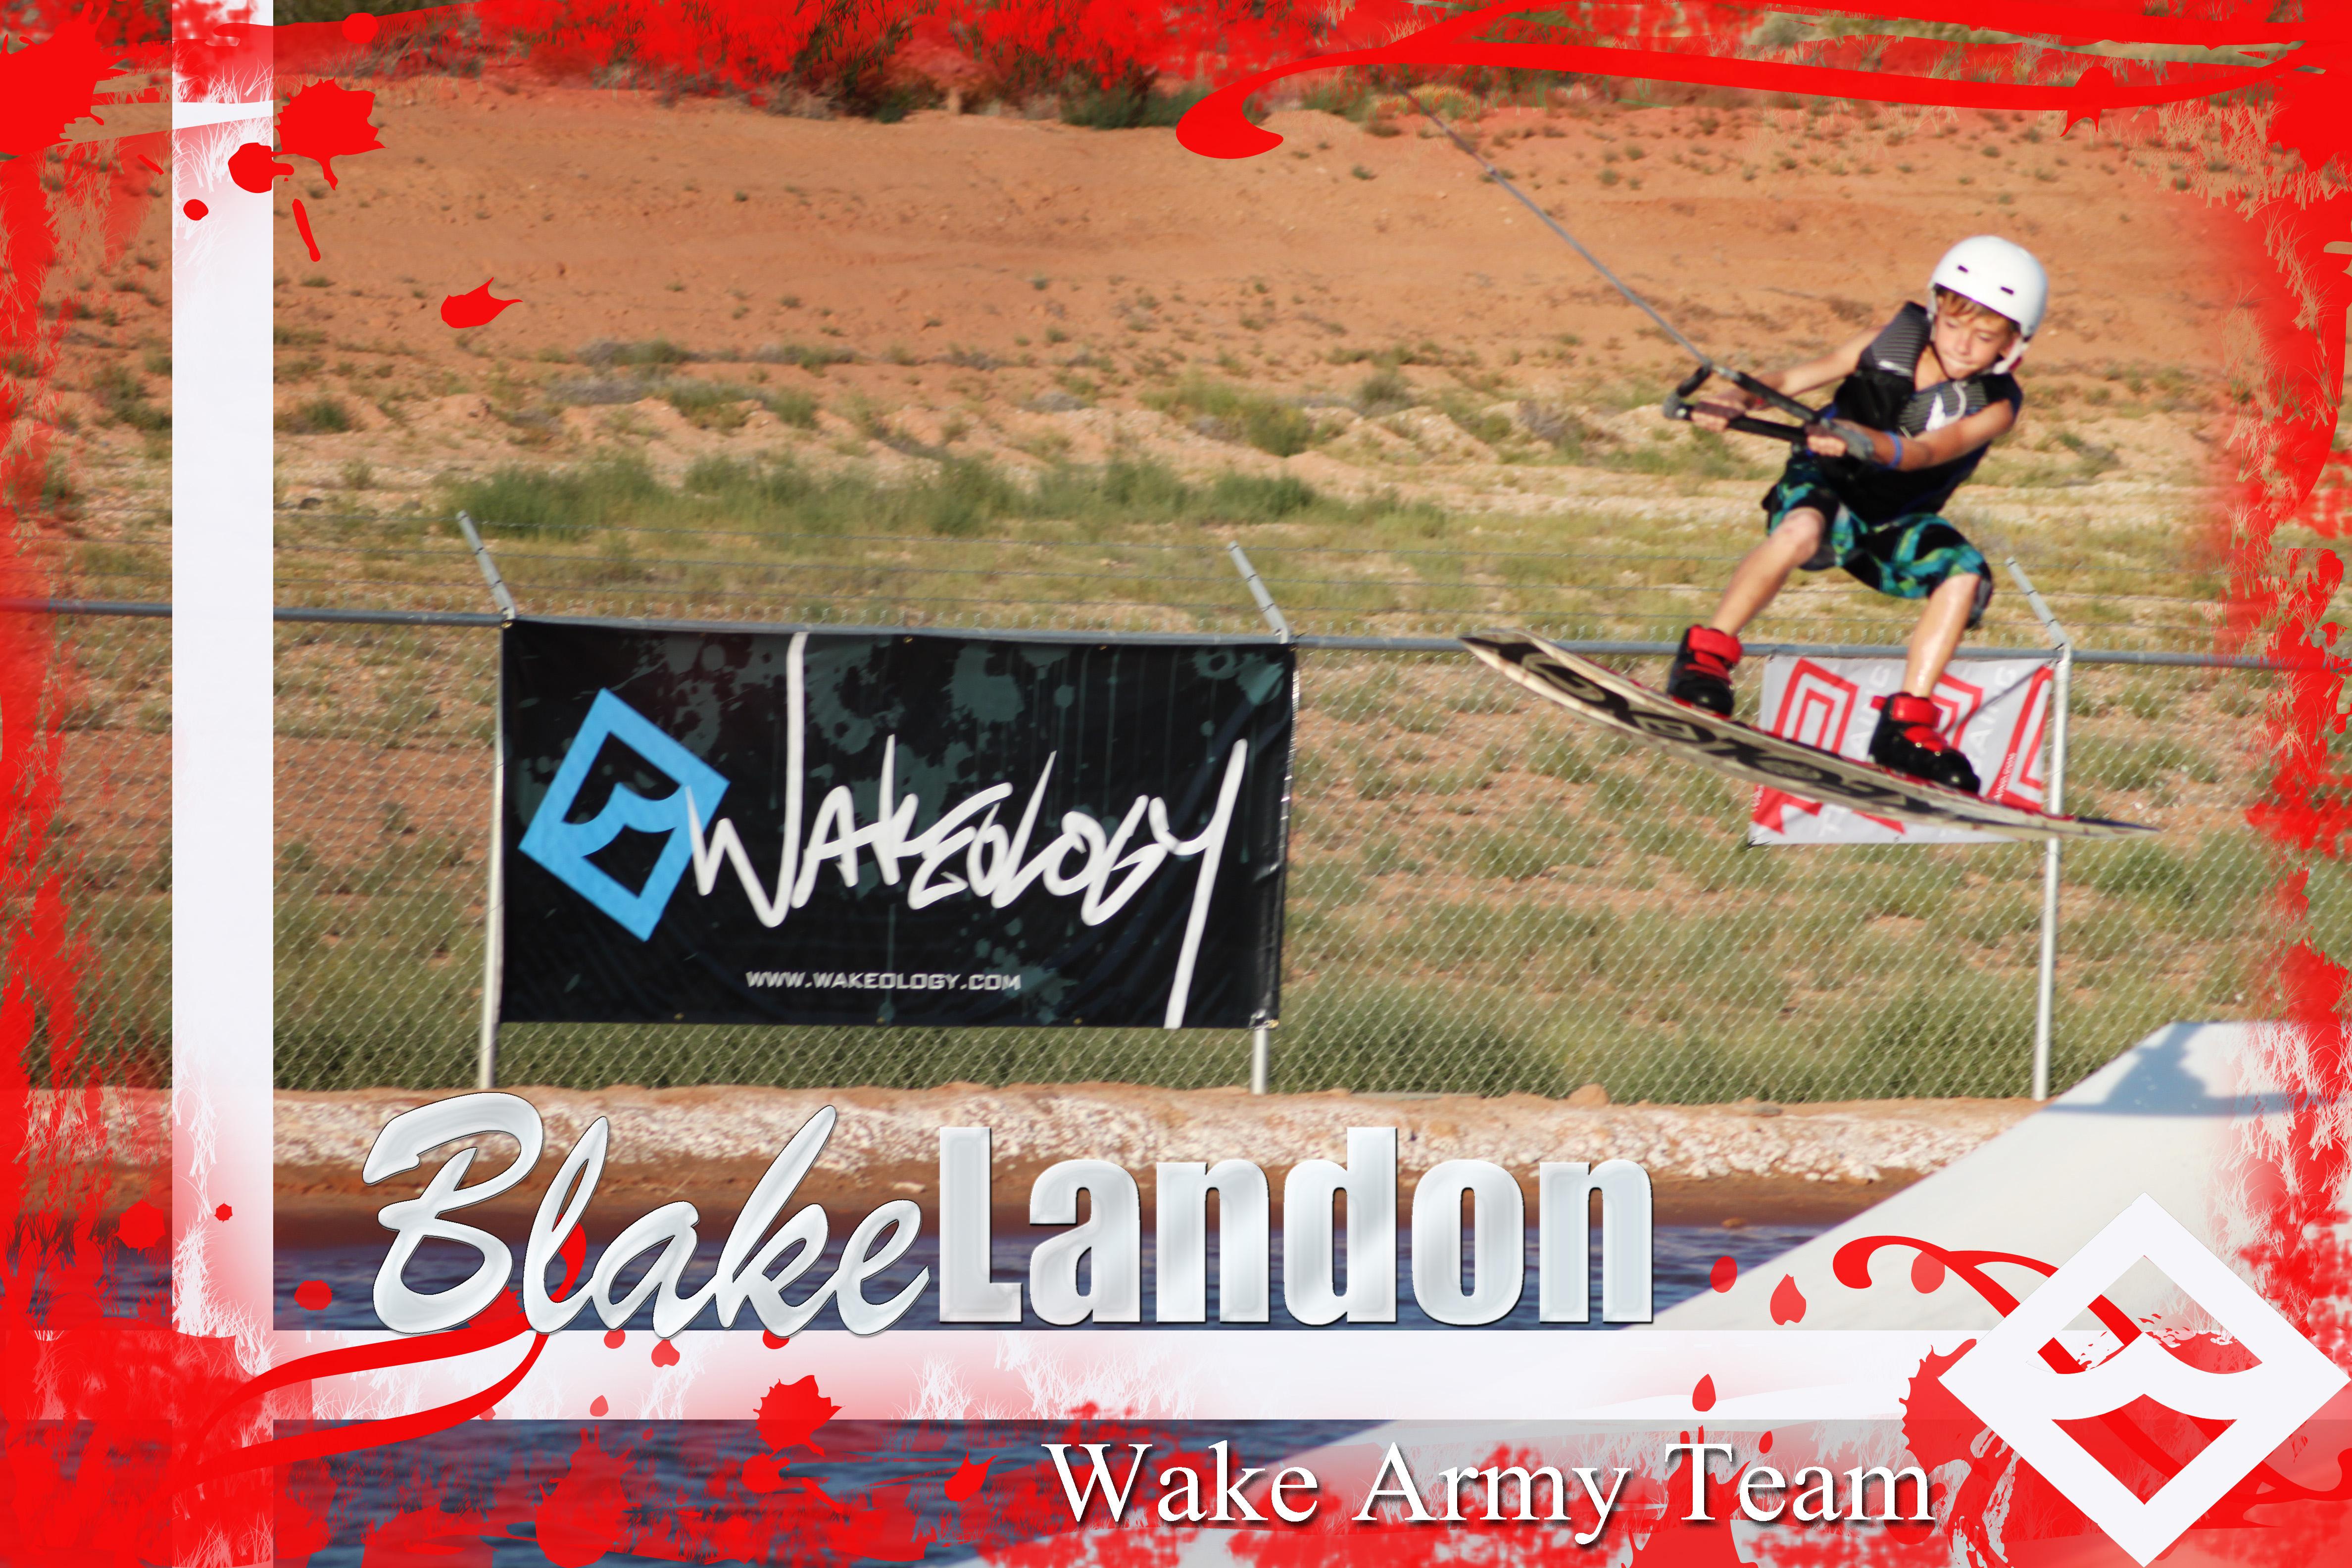 WAKE ARMY blake landon